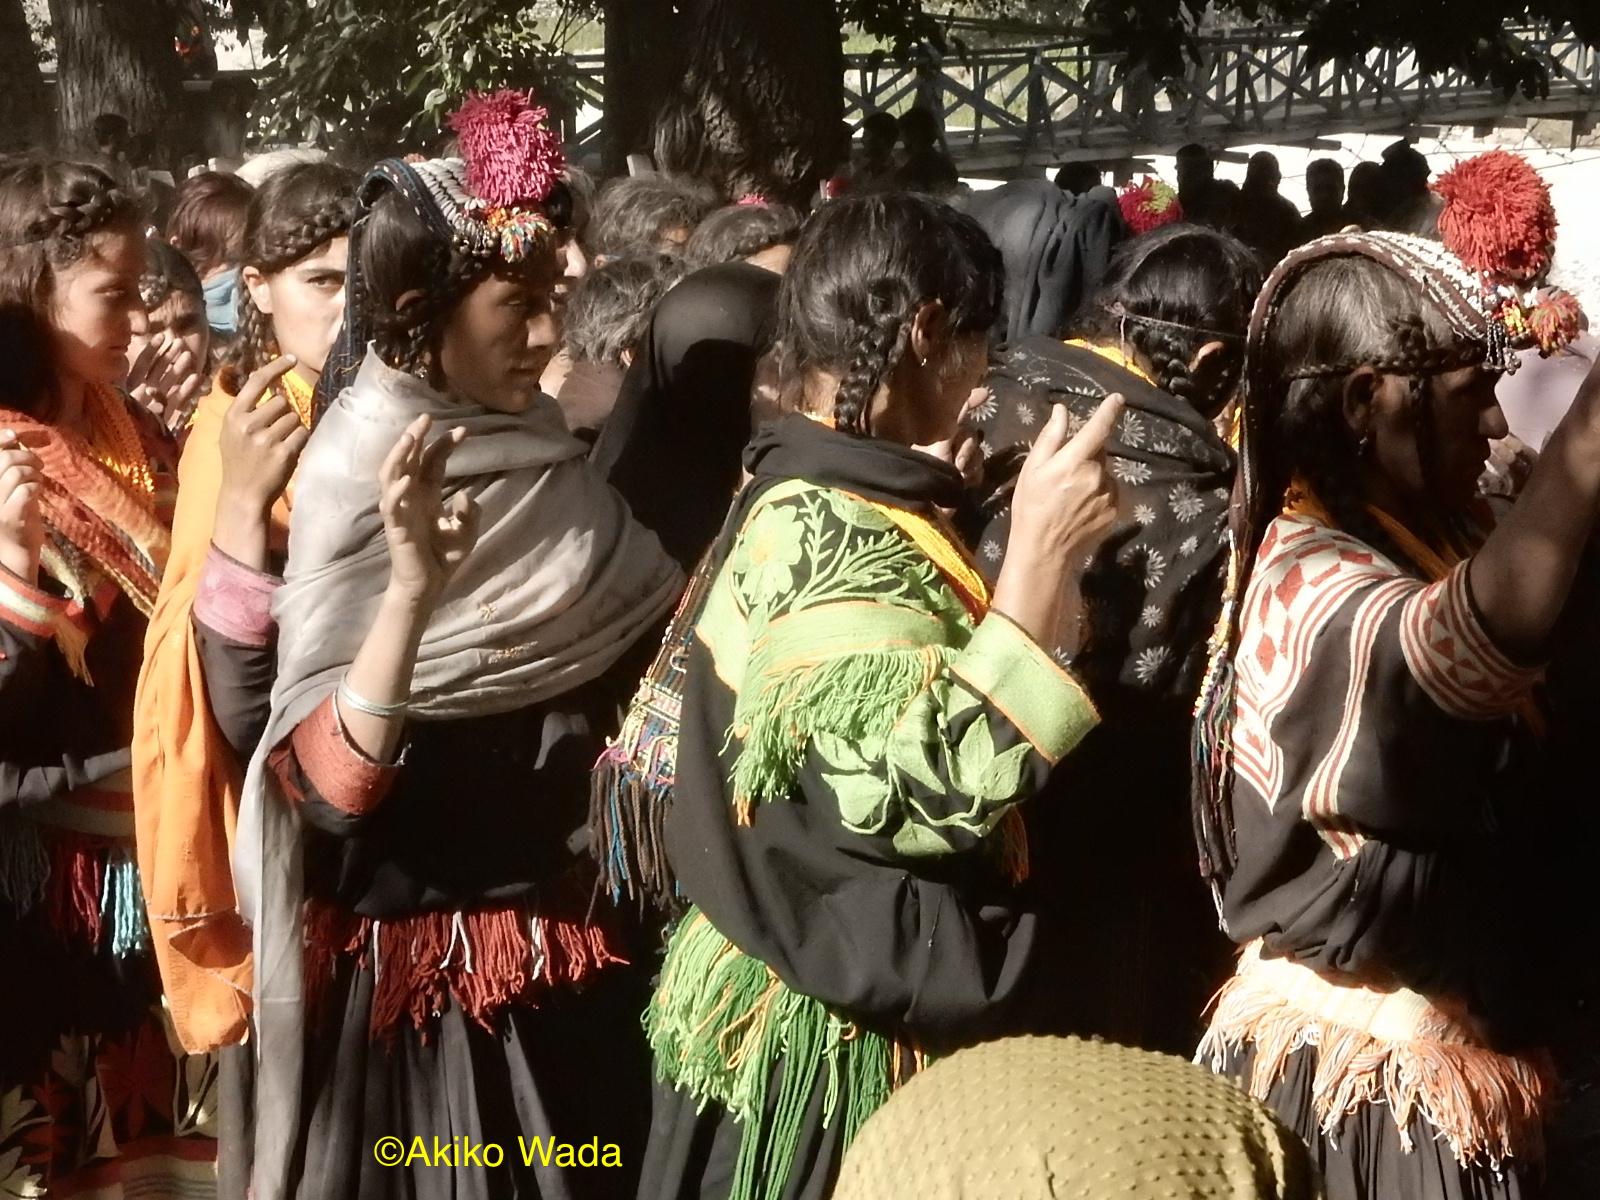 葬式で最後の別れの踊りを踊る親族たち